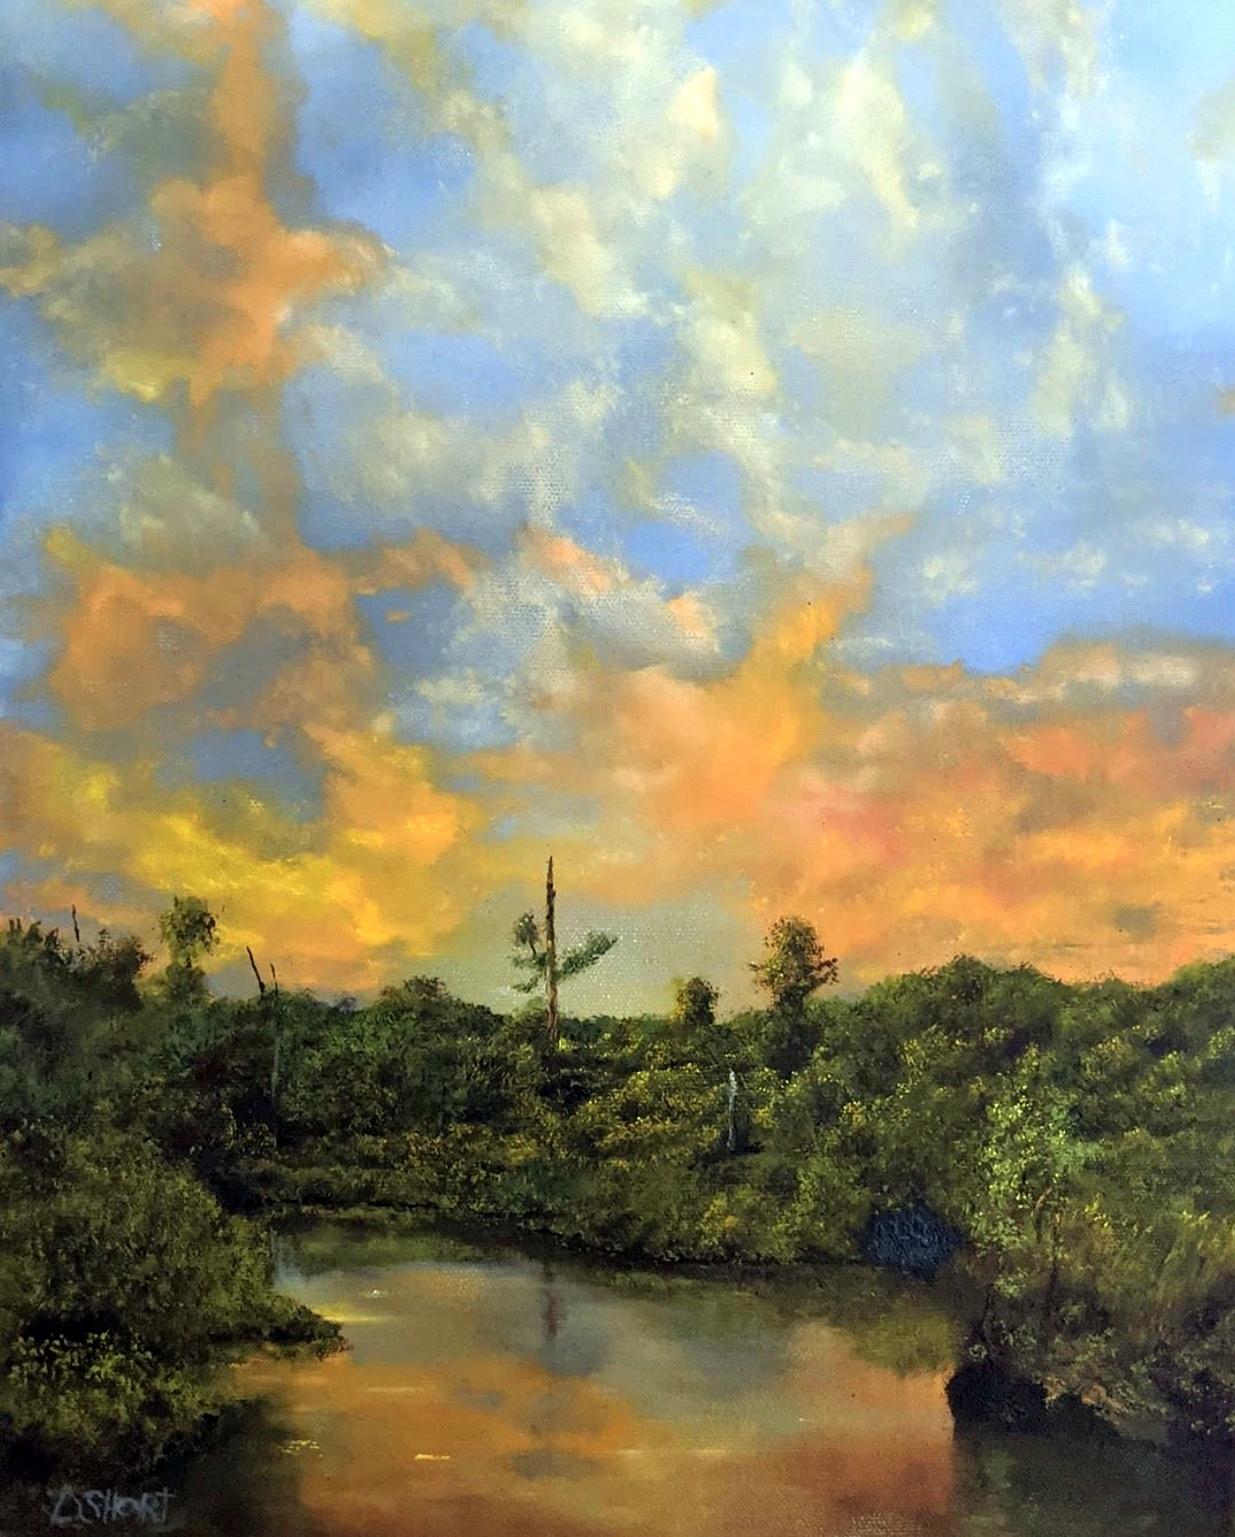 contemporary realist_artist David Short_Virginia oil painter_landscapes_still life_florals_nature_Richmond artist_ Virginia